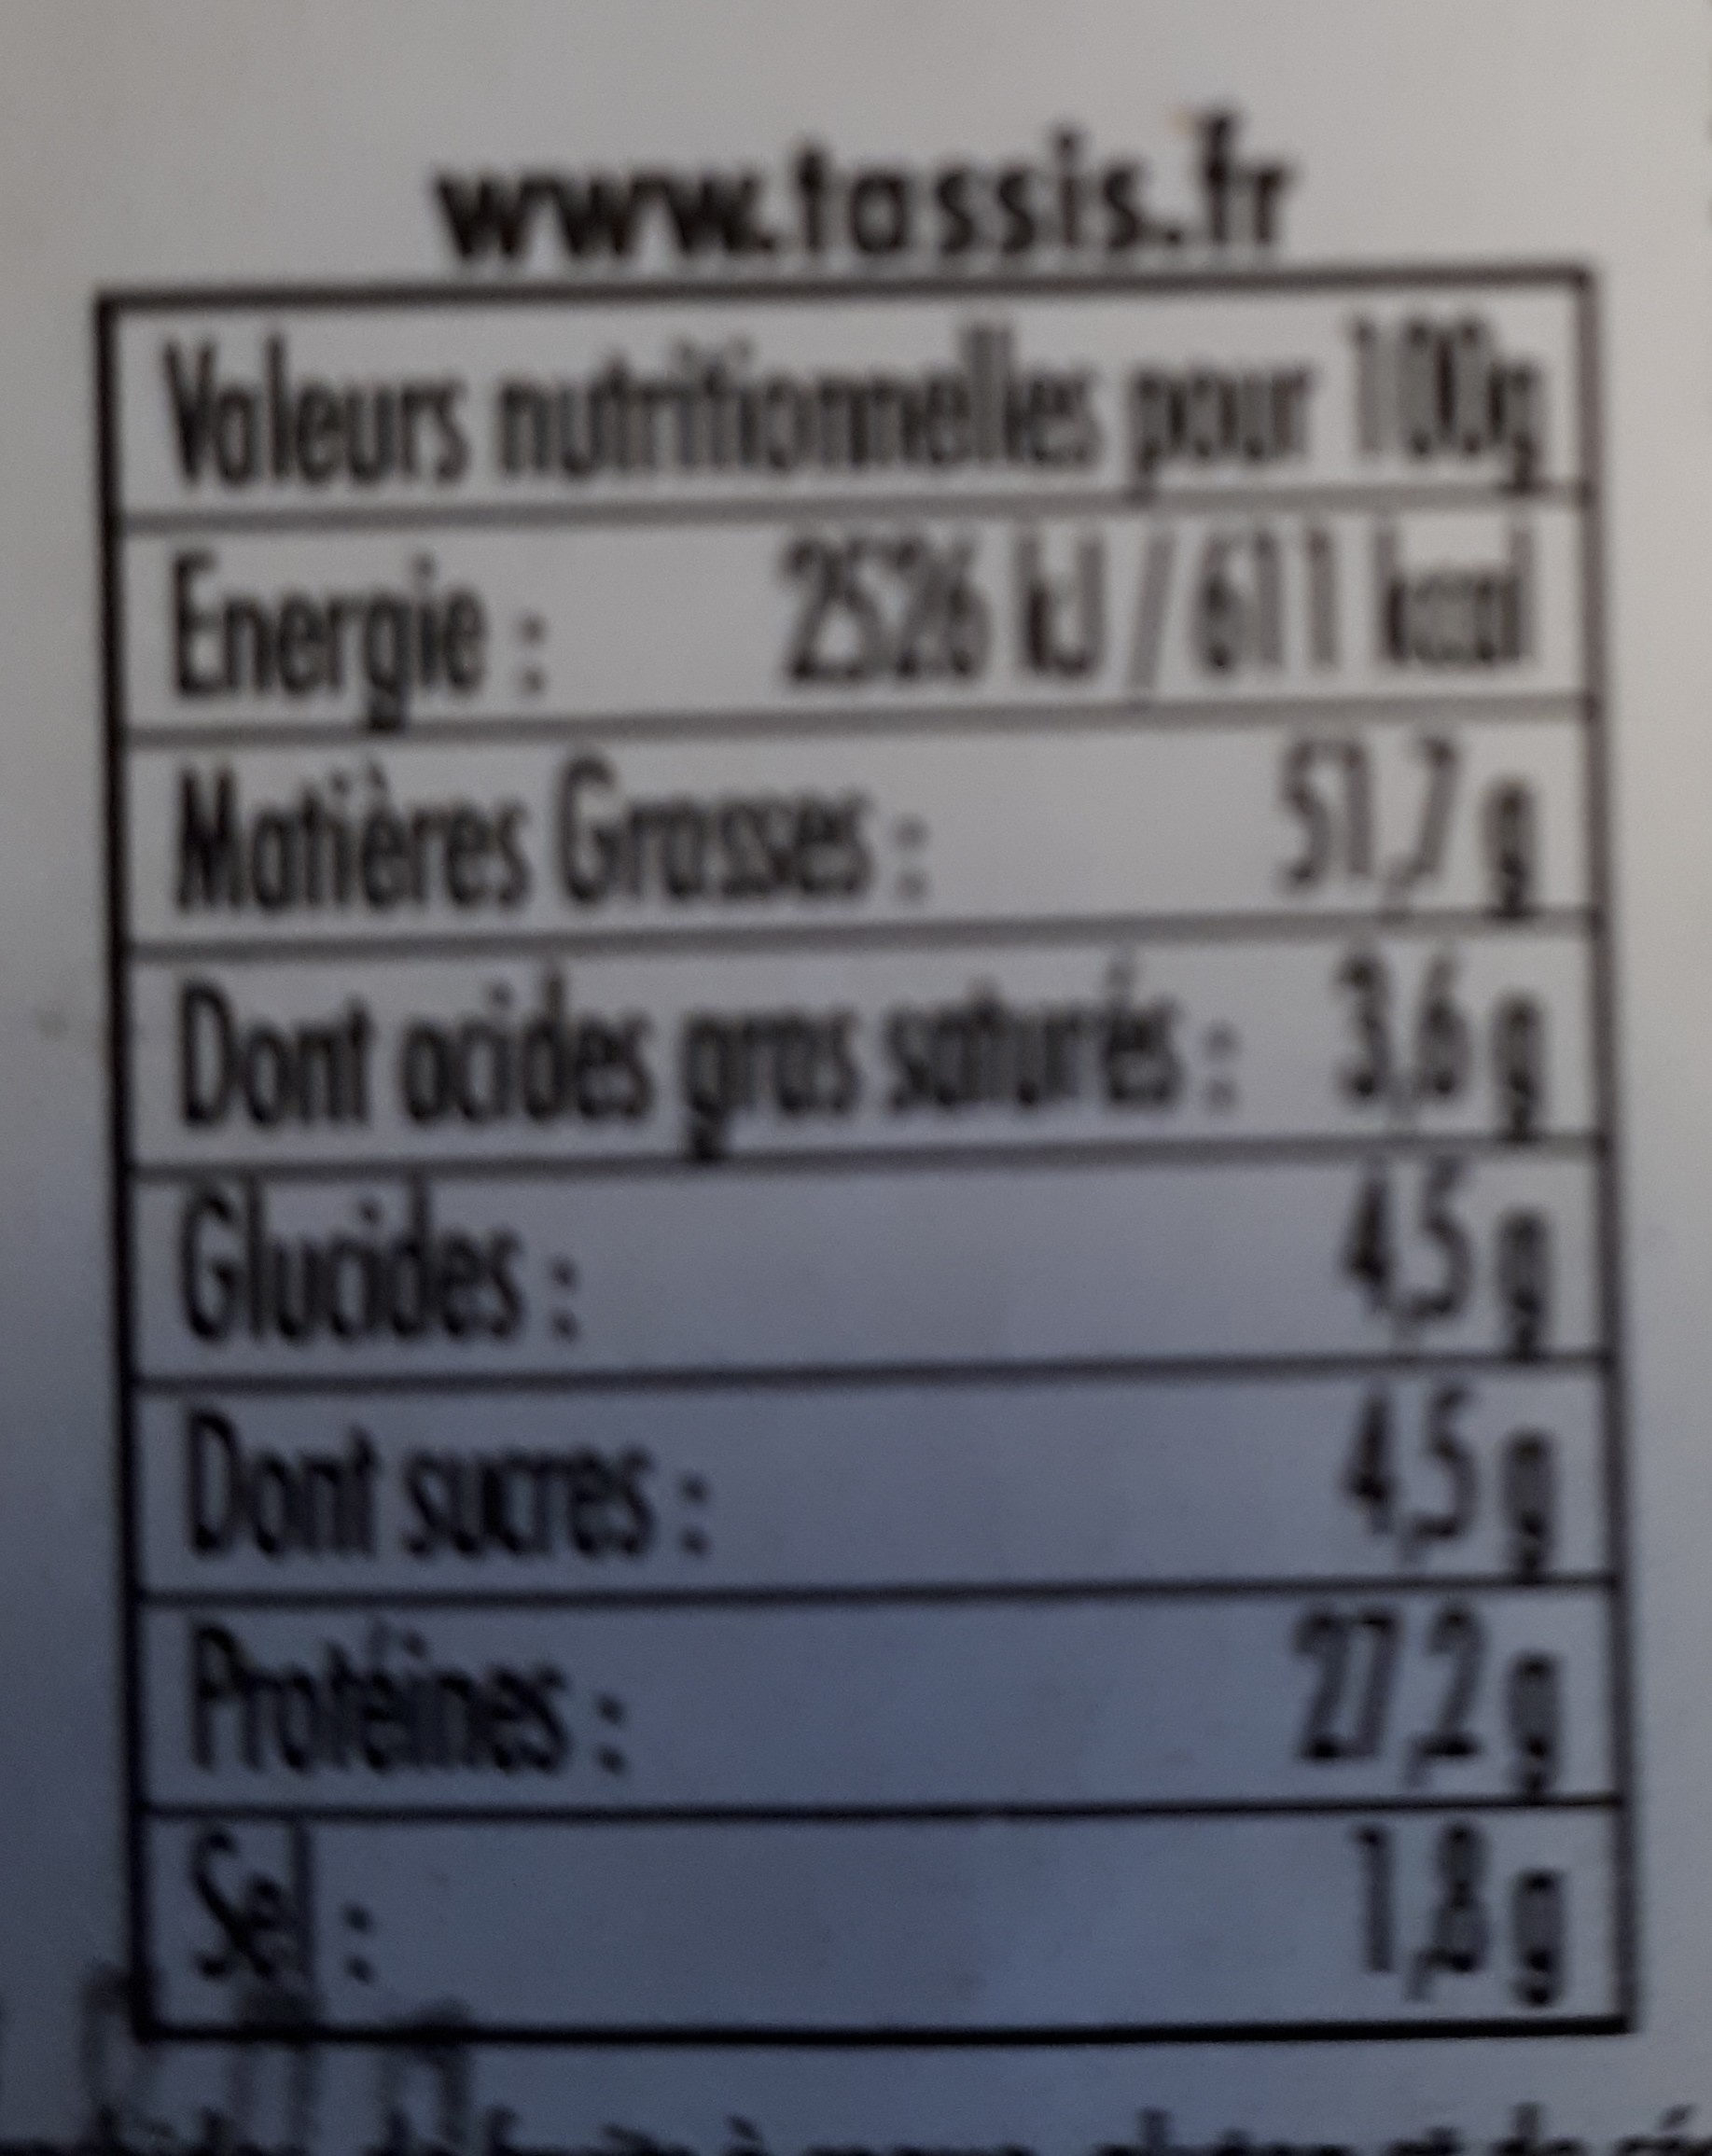 Amandes grillées salées - Nutrition facts